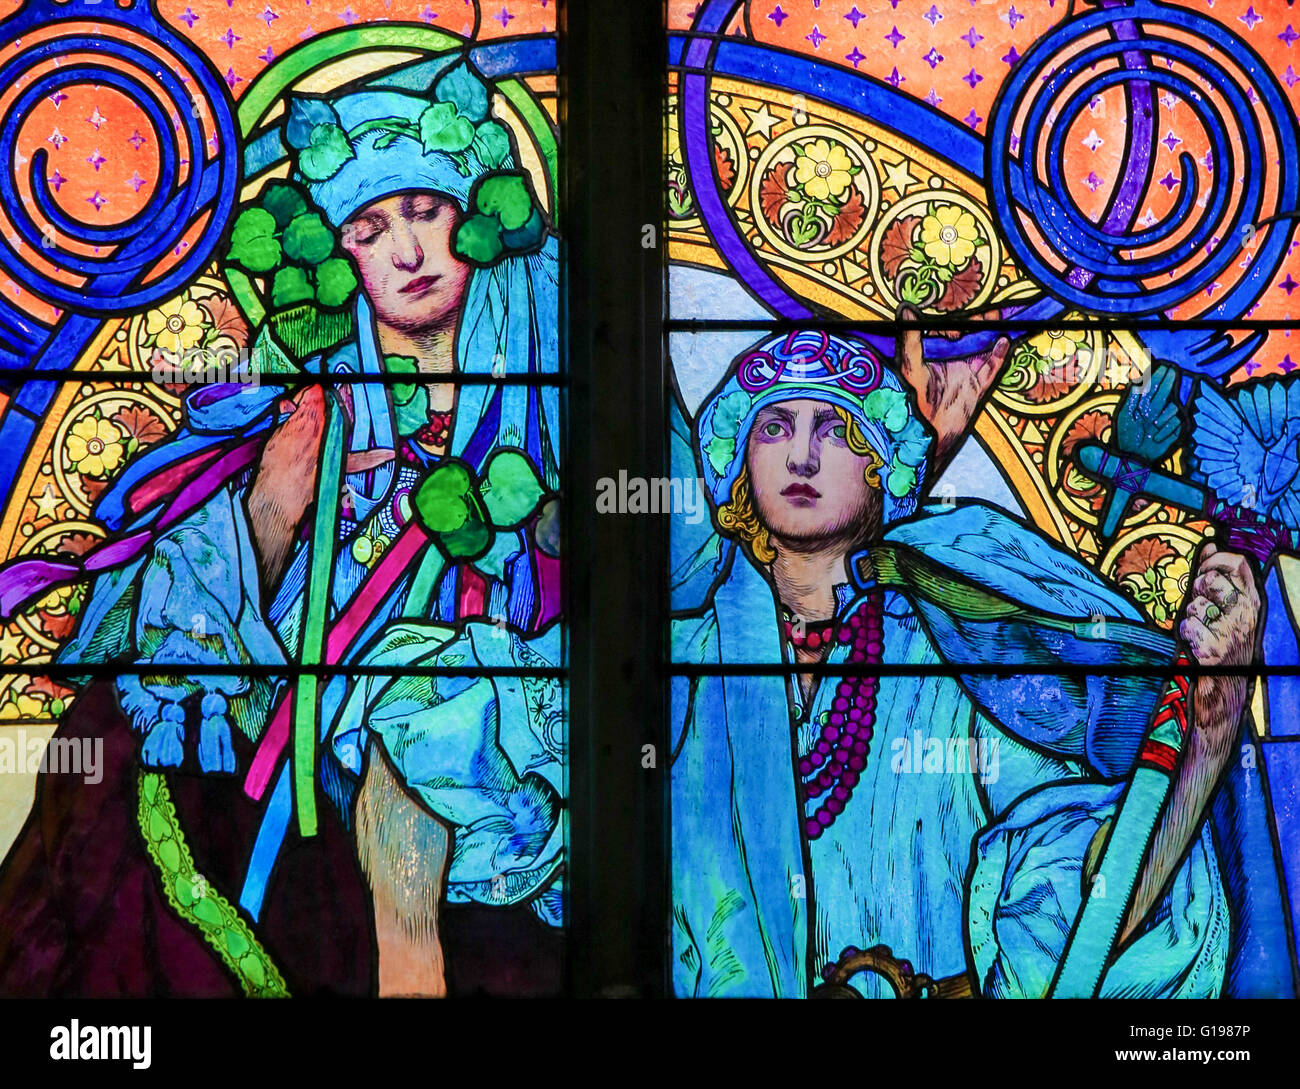 Finestra di Vetro colorato nella cattedrale di San Vito, Praga, progettato da Alphonse Mucha. Immagini Stock